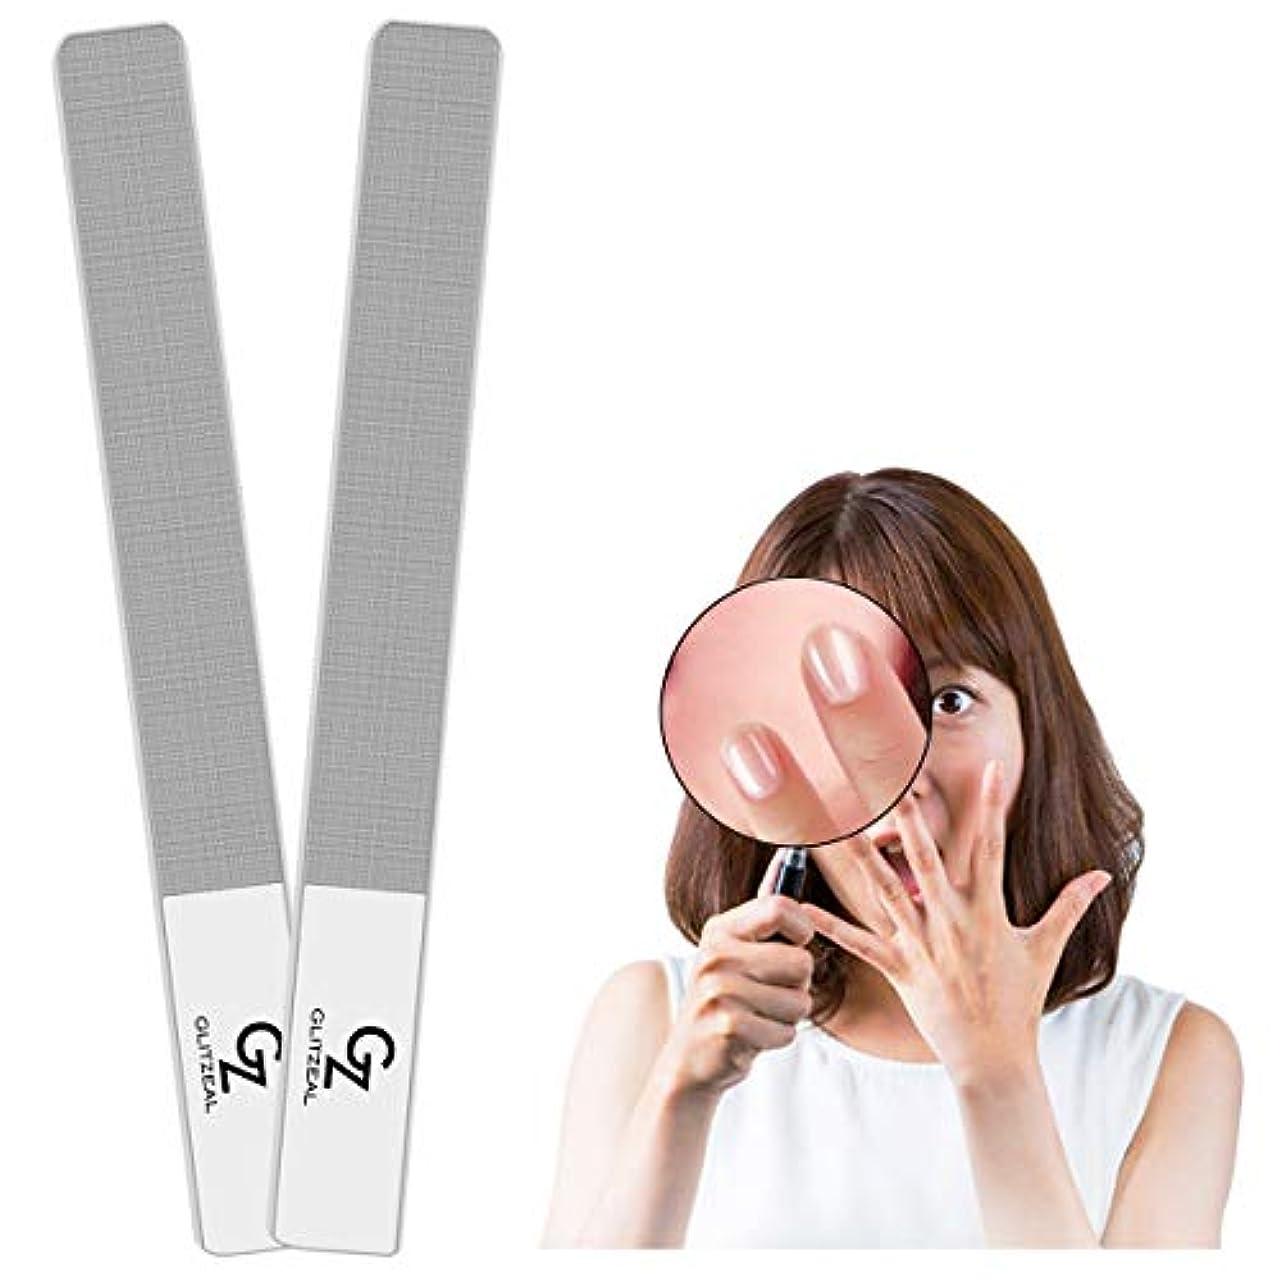 を通してリークぬれた爪磨き 5セカンズシャイン ベース コート 爪 工具 ゲル ポリッシュ 爪 バッファ 自然 爪 ファイル アクリル 爪 マニキュア ペディキュア ガラス 爪 シャイナー